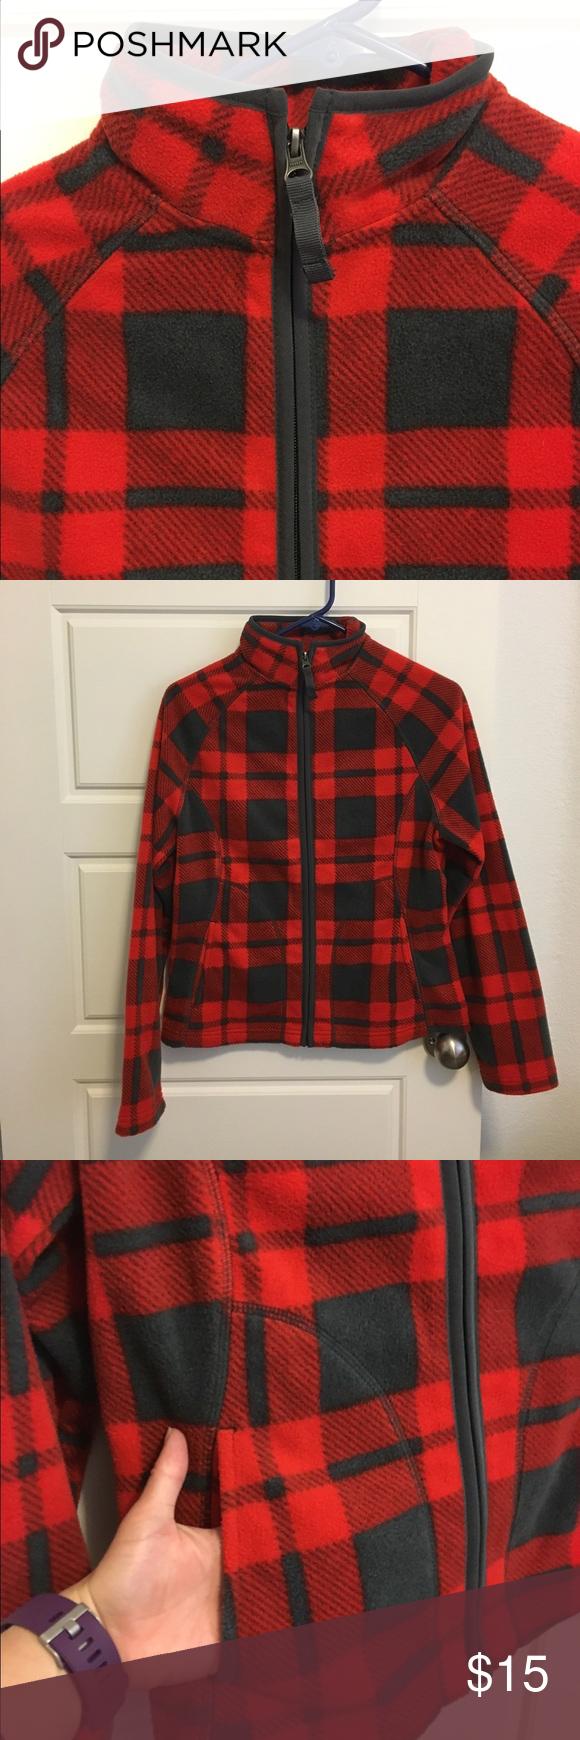 Red u gray fleece jacket